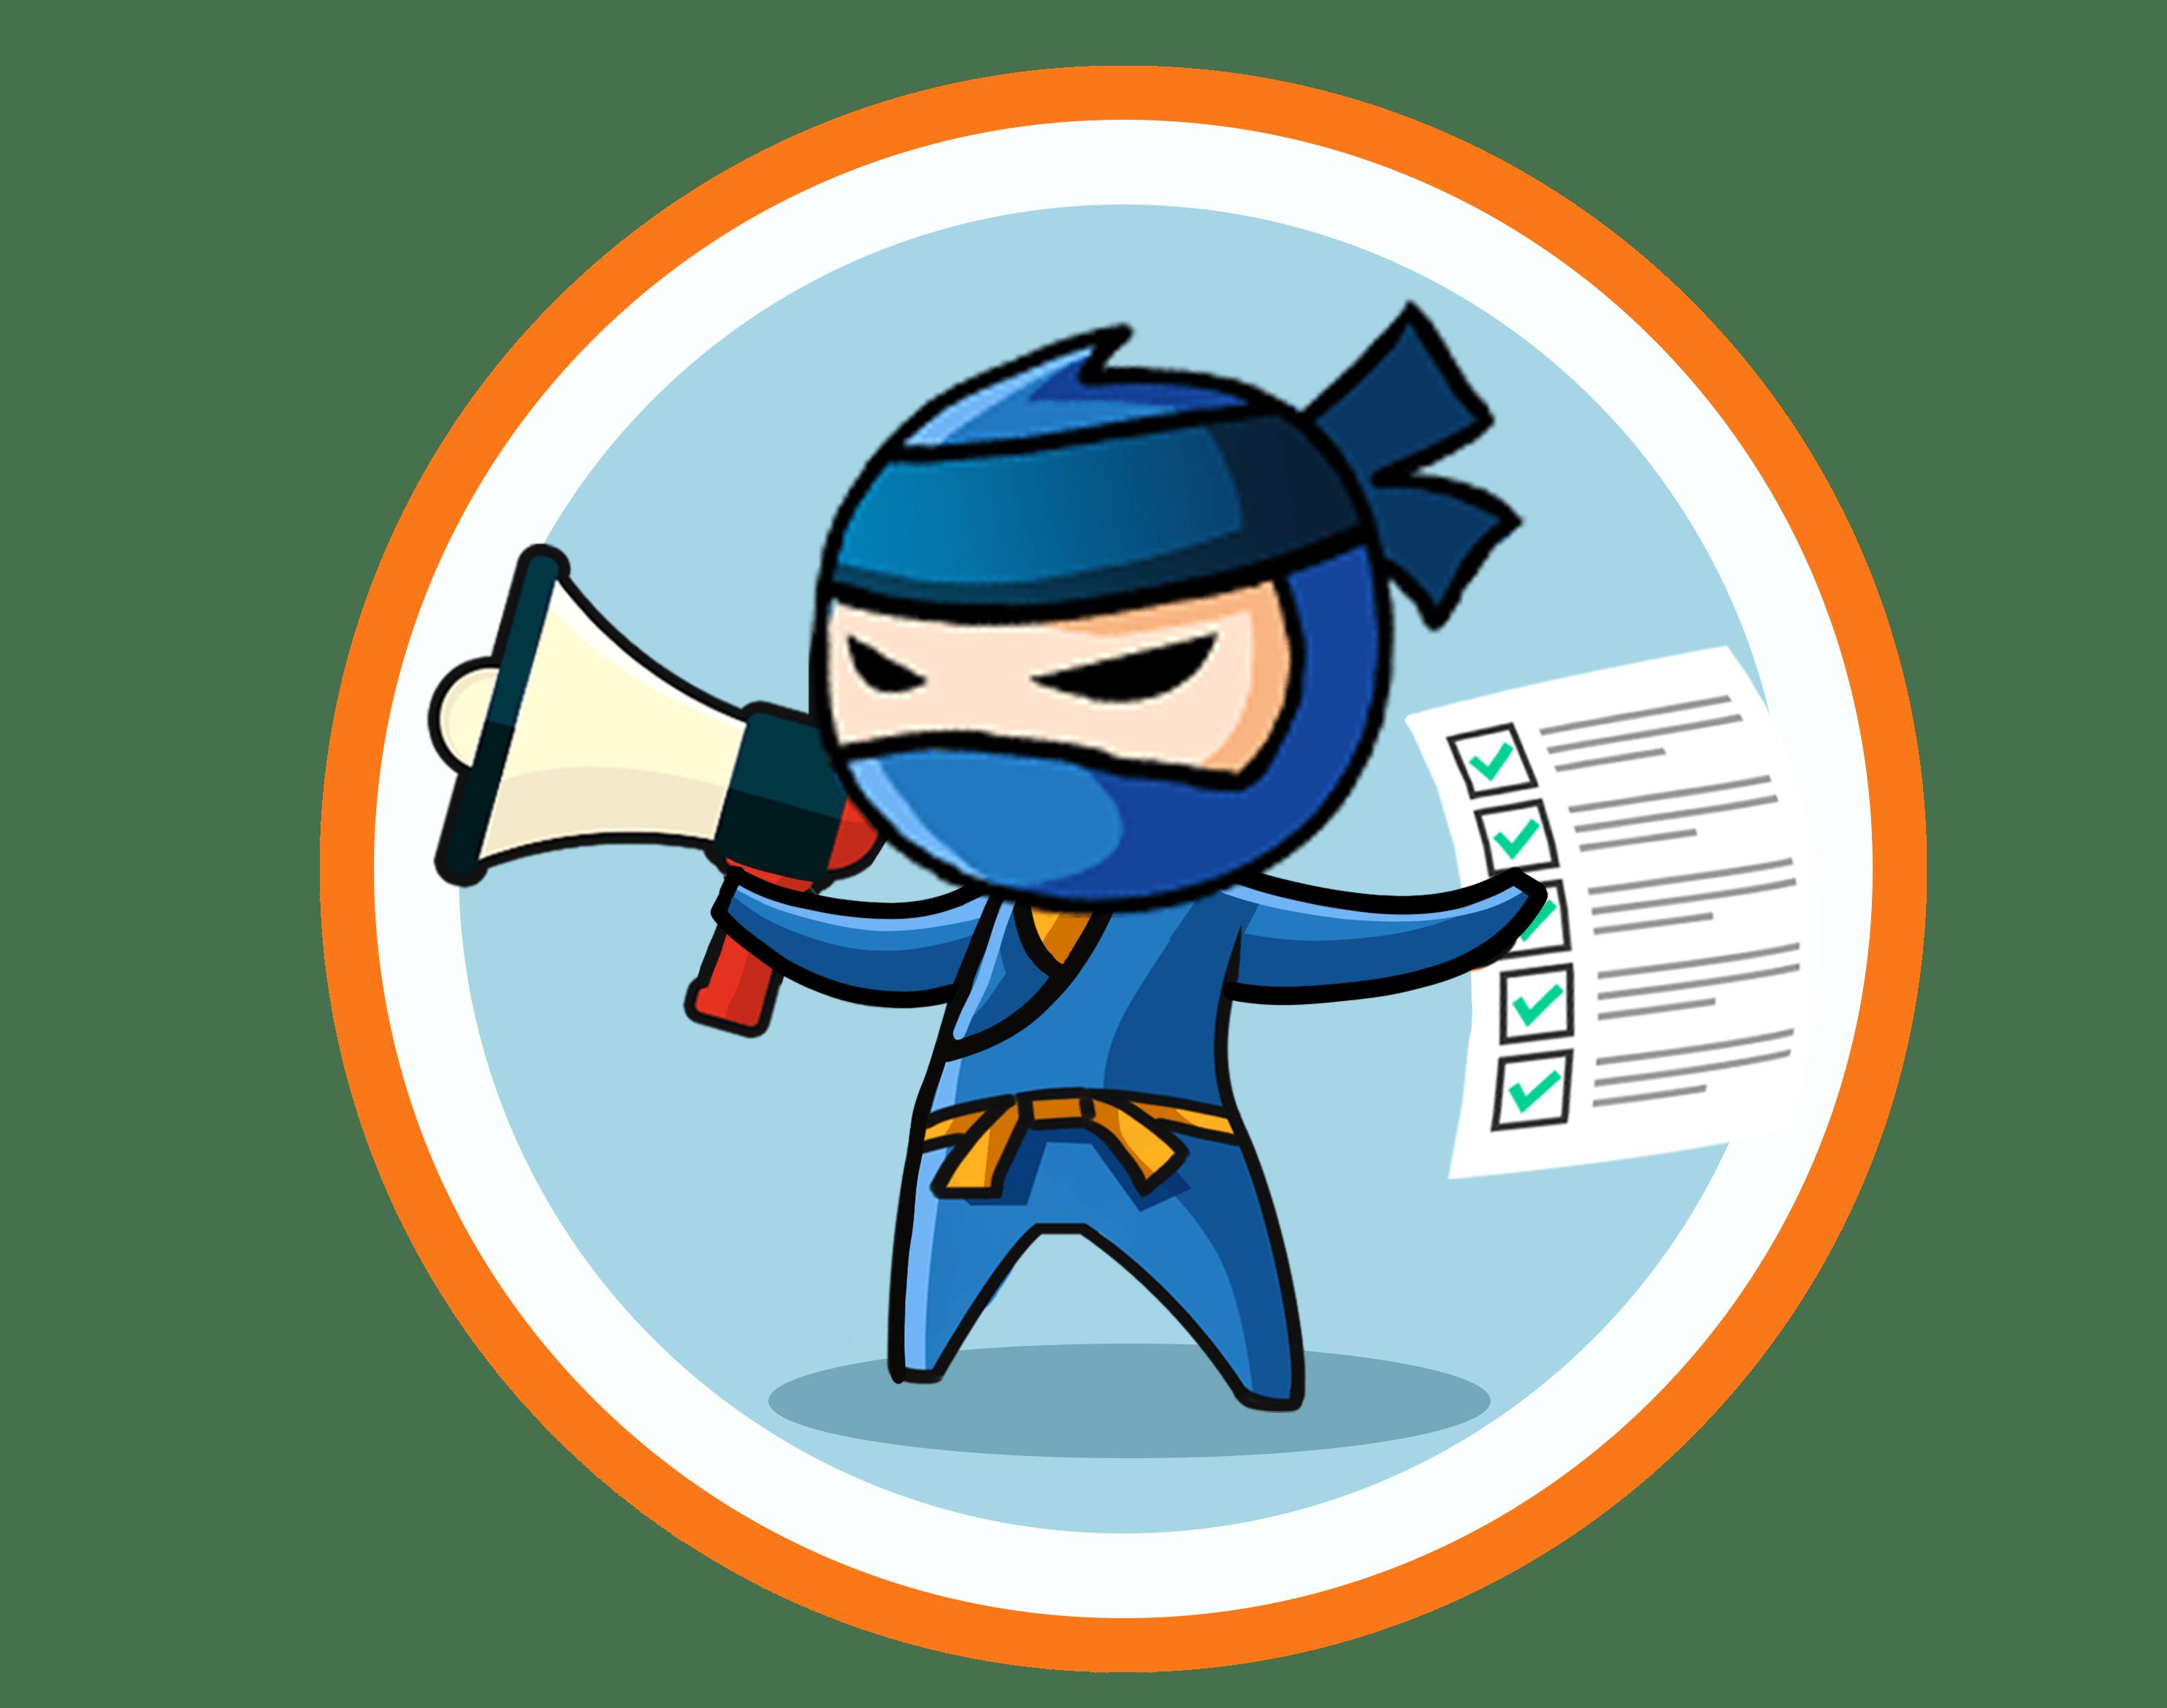 pénzt keresni az interneten kérdőívek kitöltésével